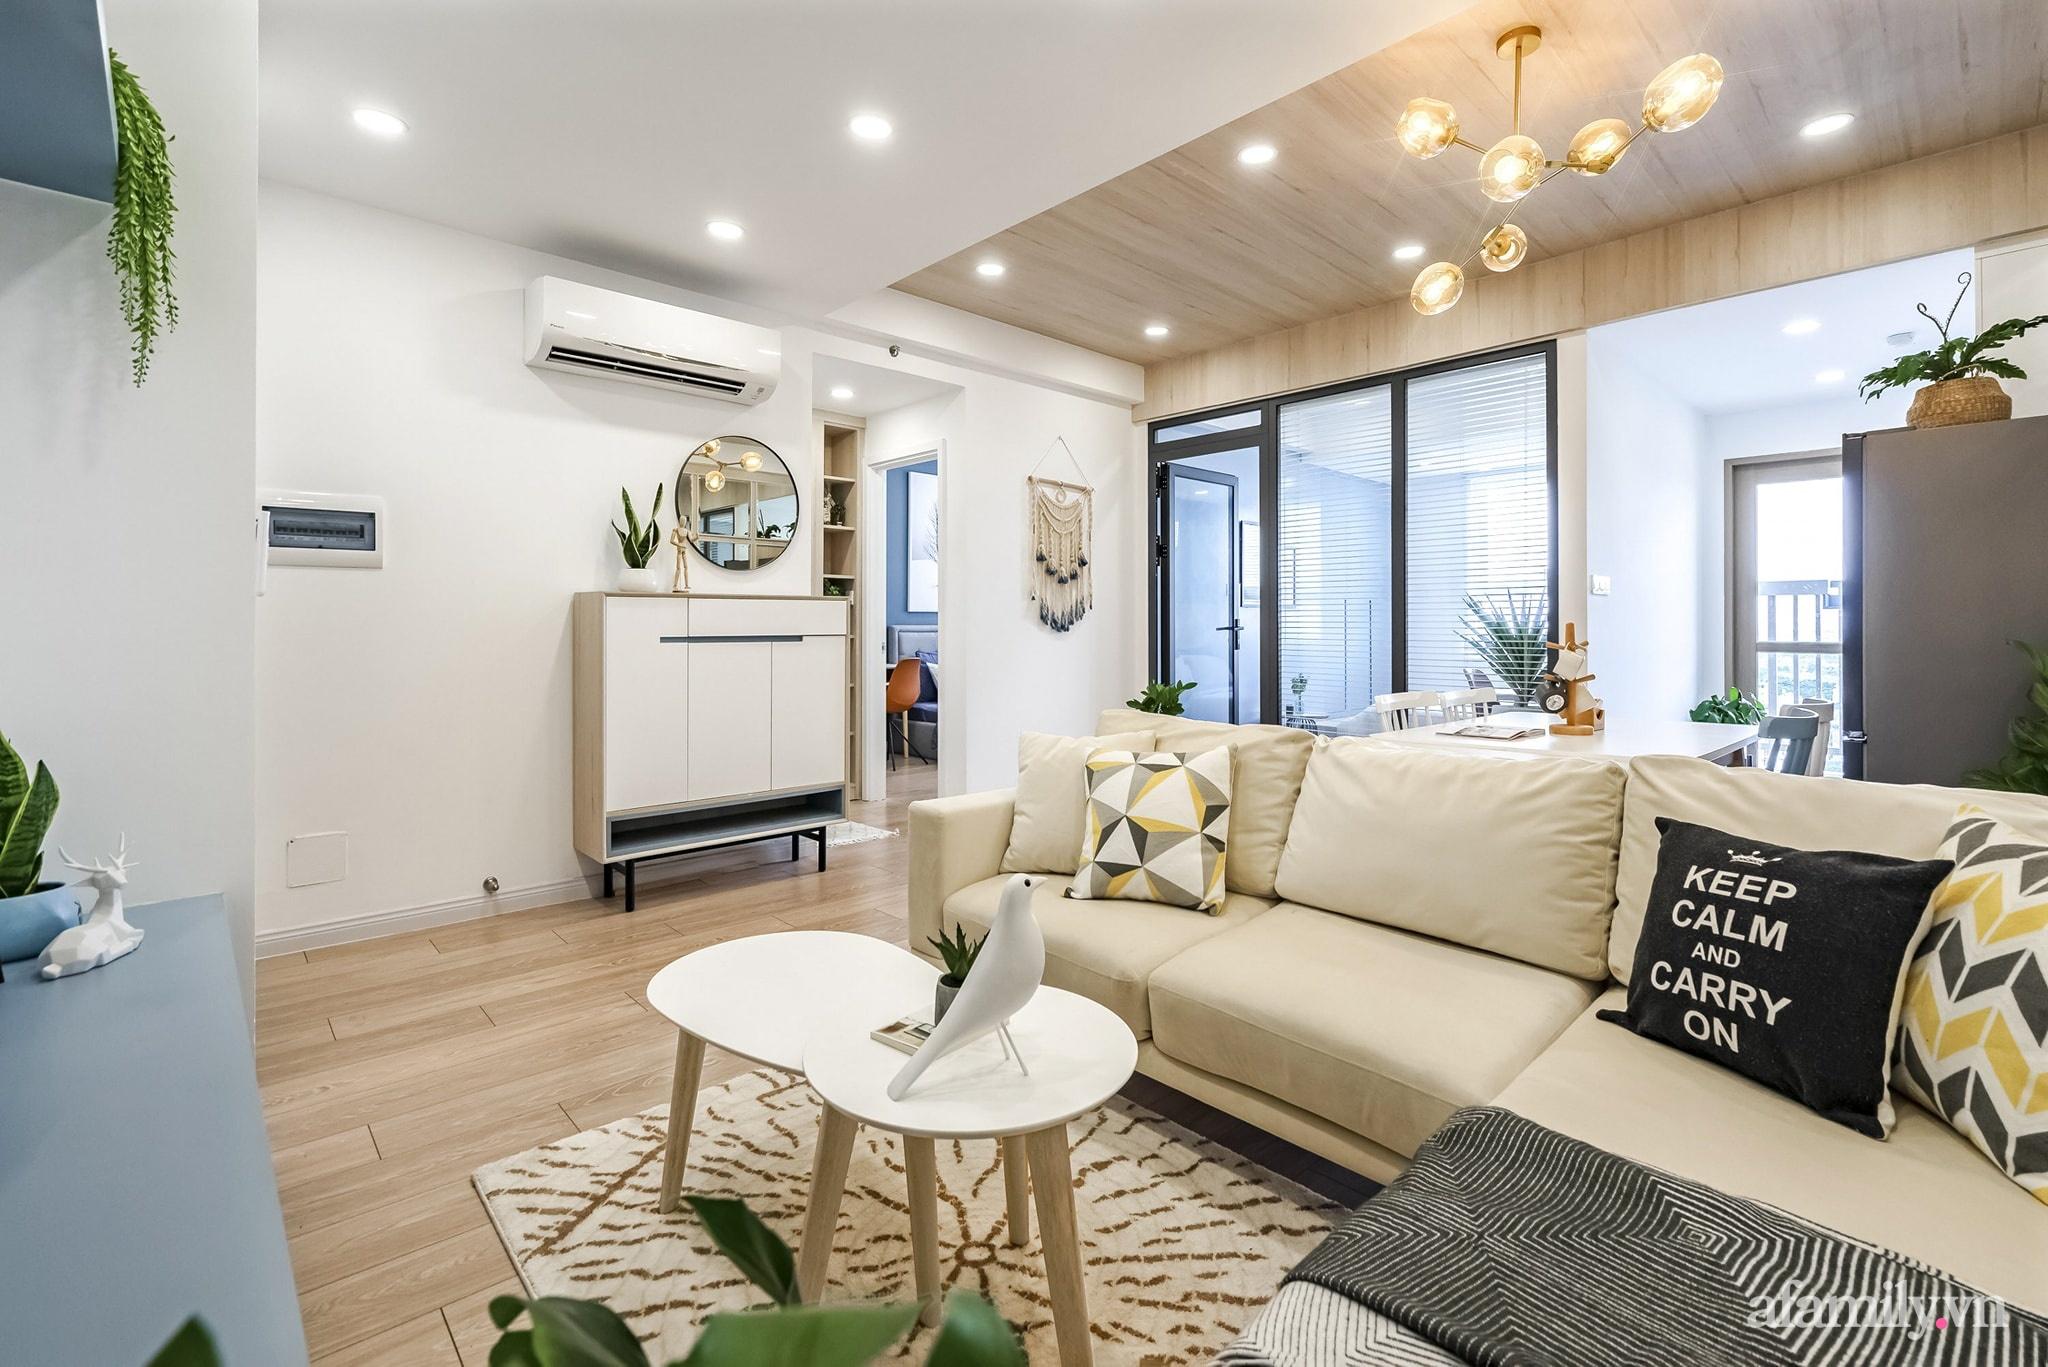 Căn hộ 65m² màu xanh yên bình của chàng trai quyết tâm mua nhà trước tuổi 30 ở Sài Gòn - Ảnh 4.